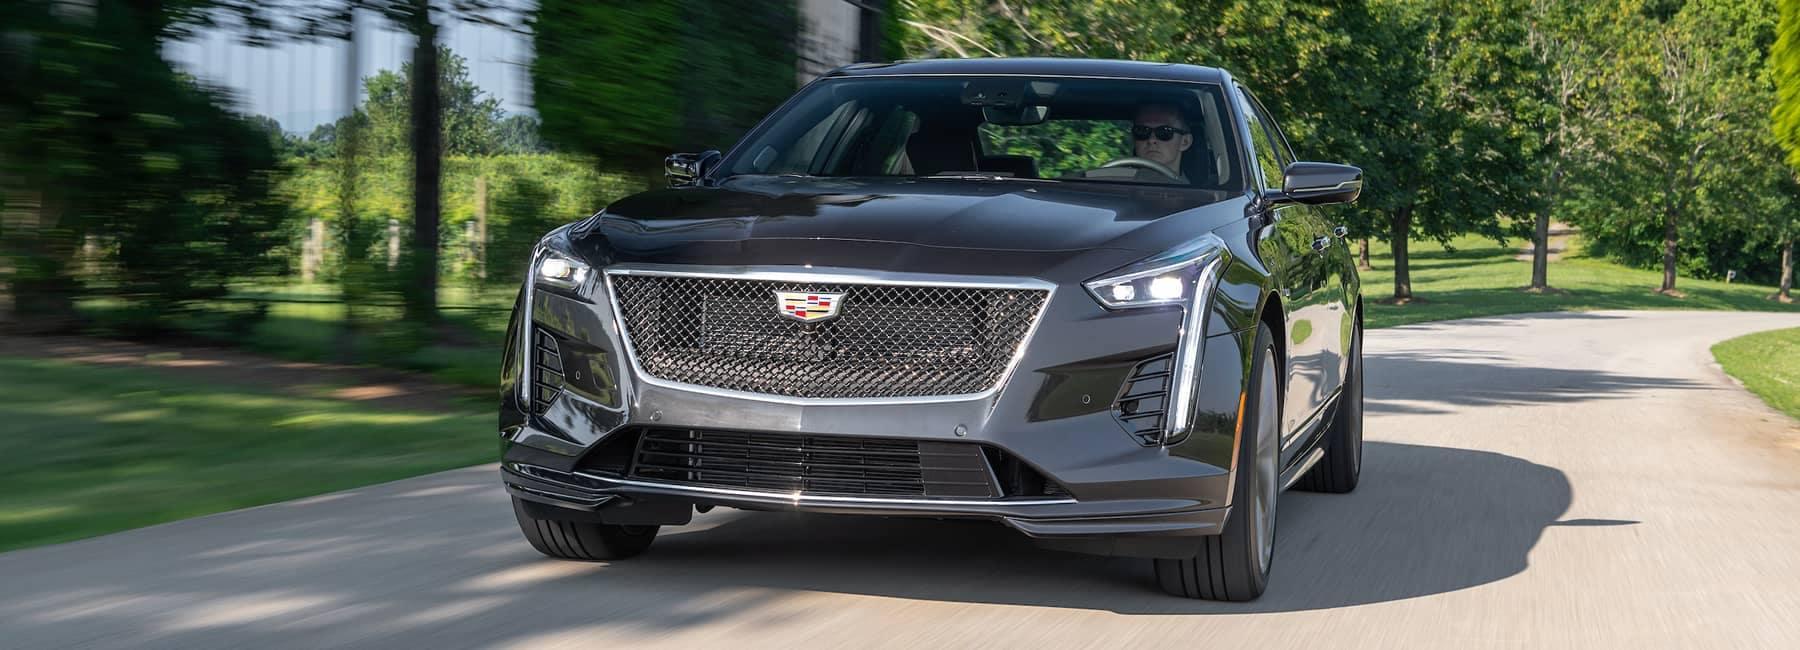 Cadillac driving